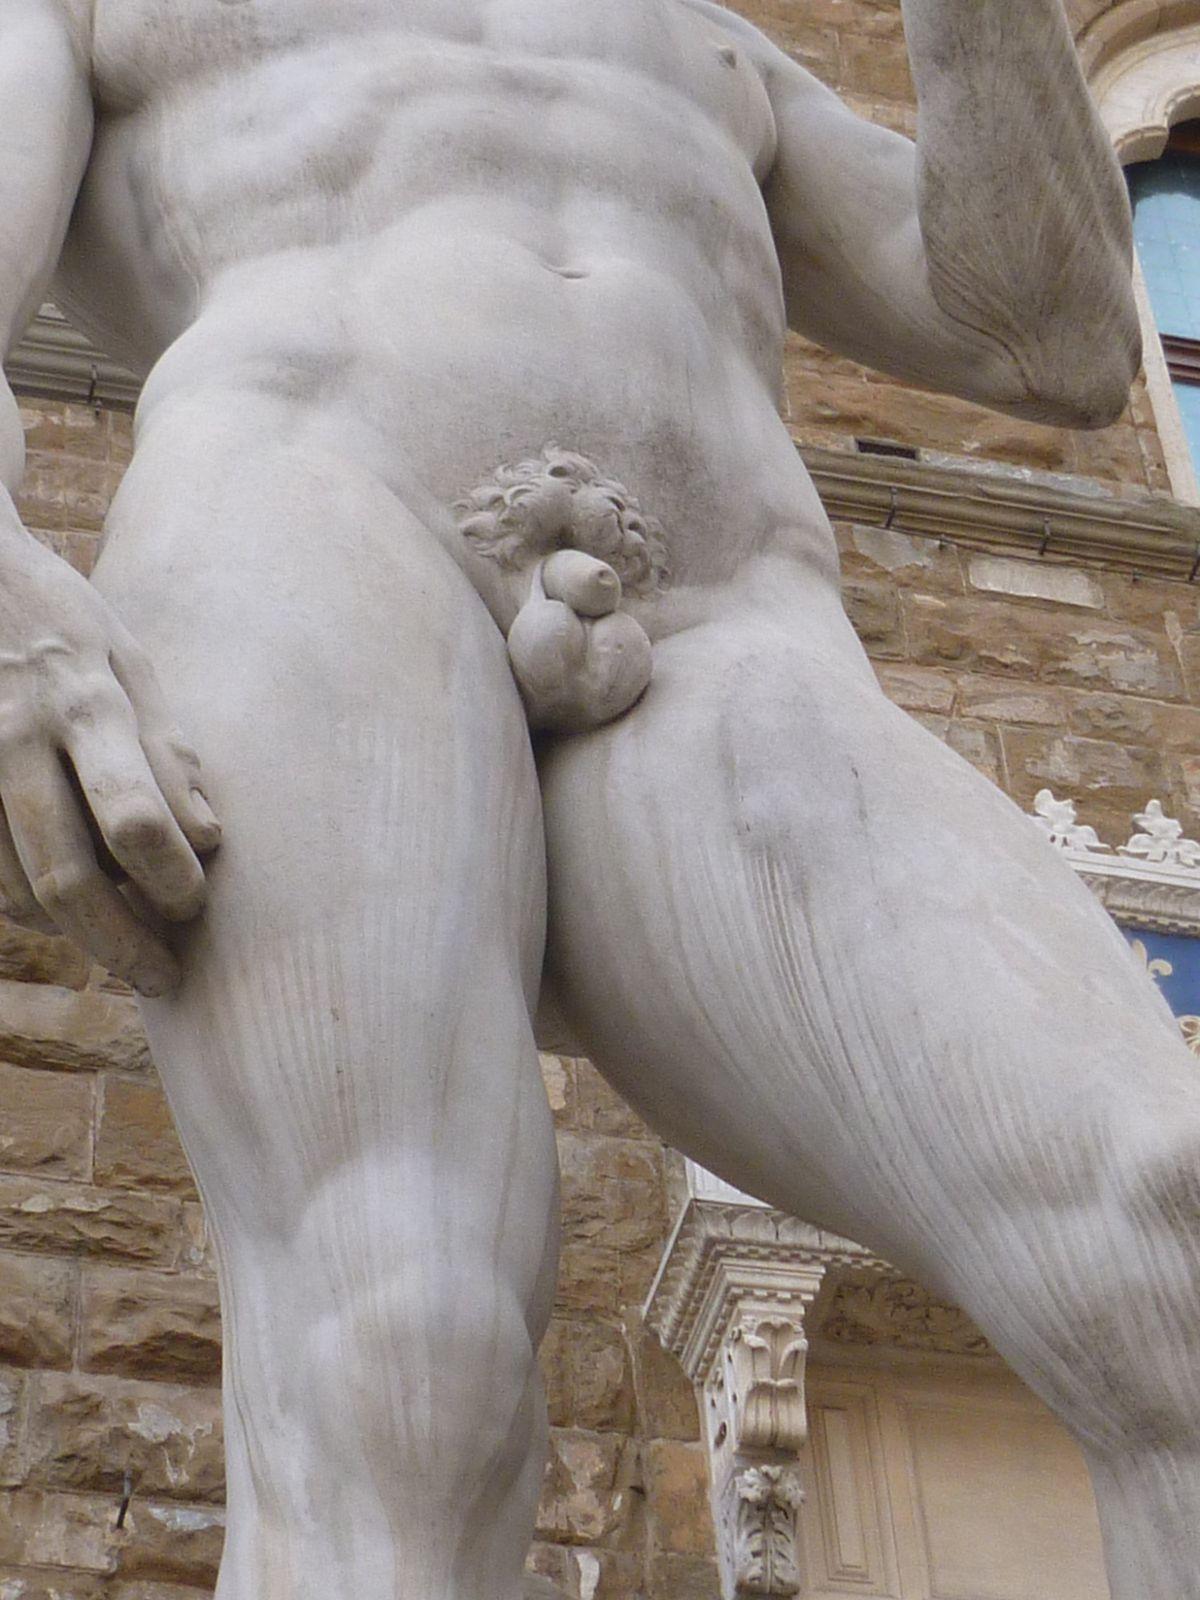 après le recto Florentin.......le verso Florentin, si, si, si.....alors heureuse ?